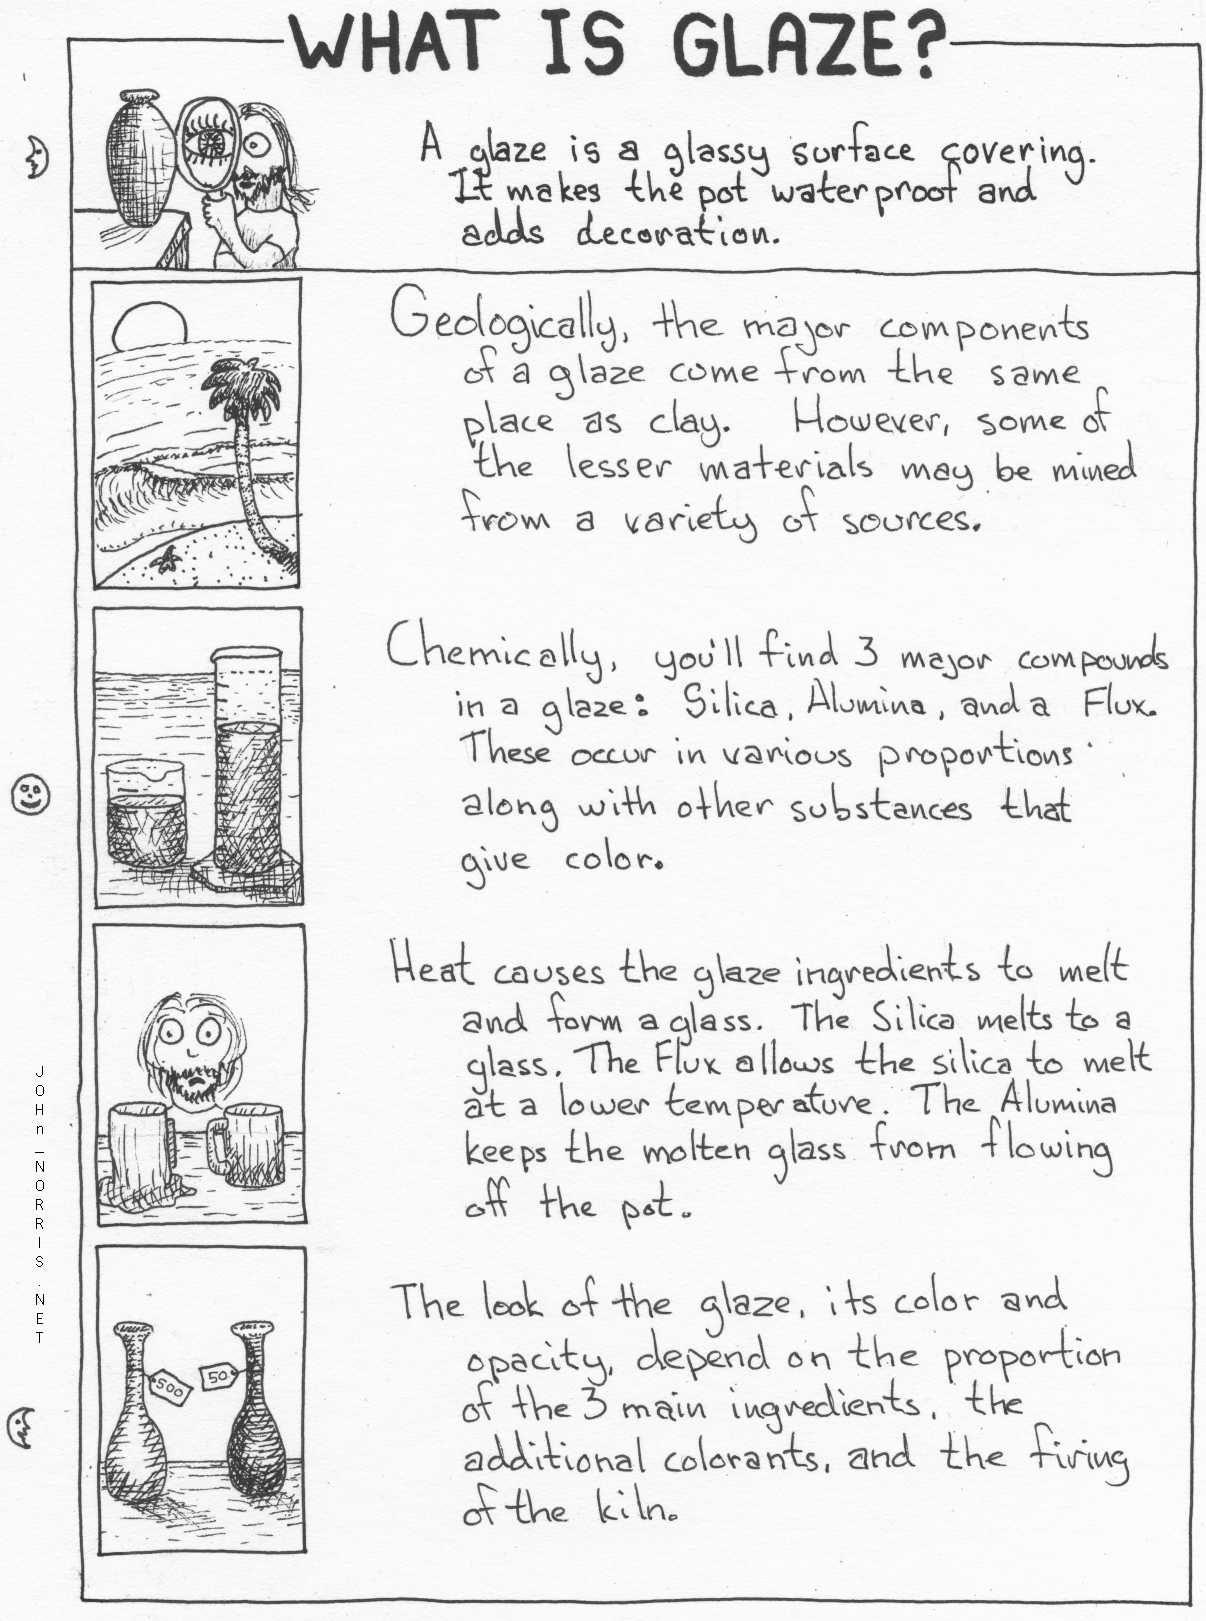 What Is Glaze Handout Printout Printable